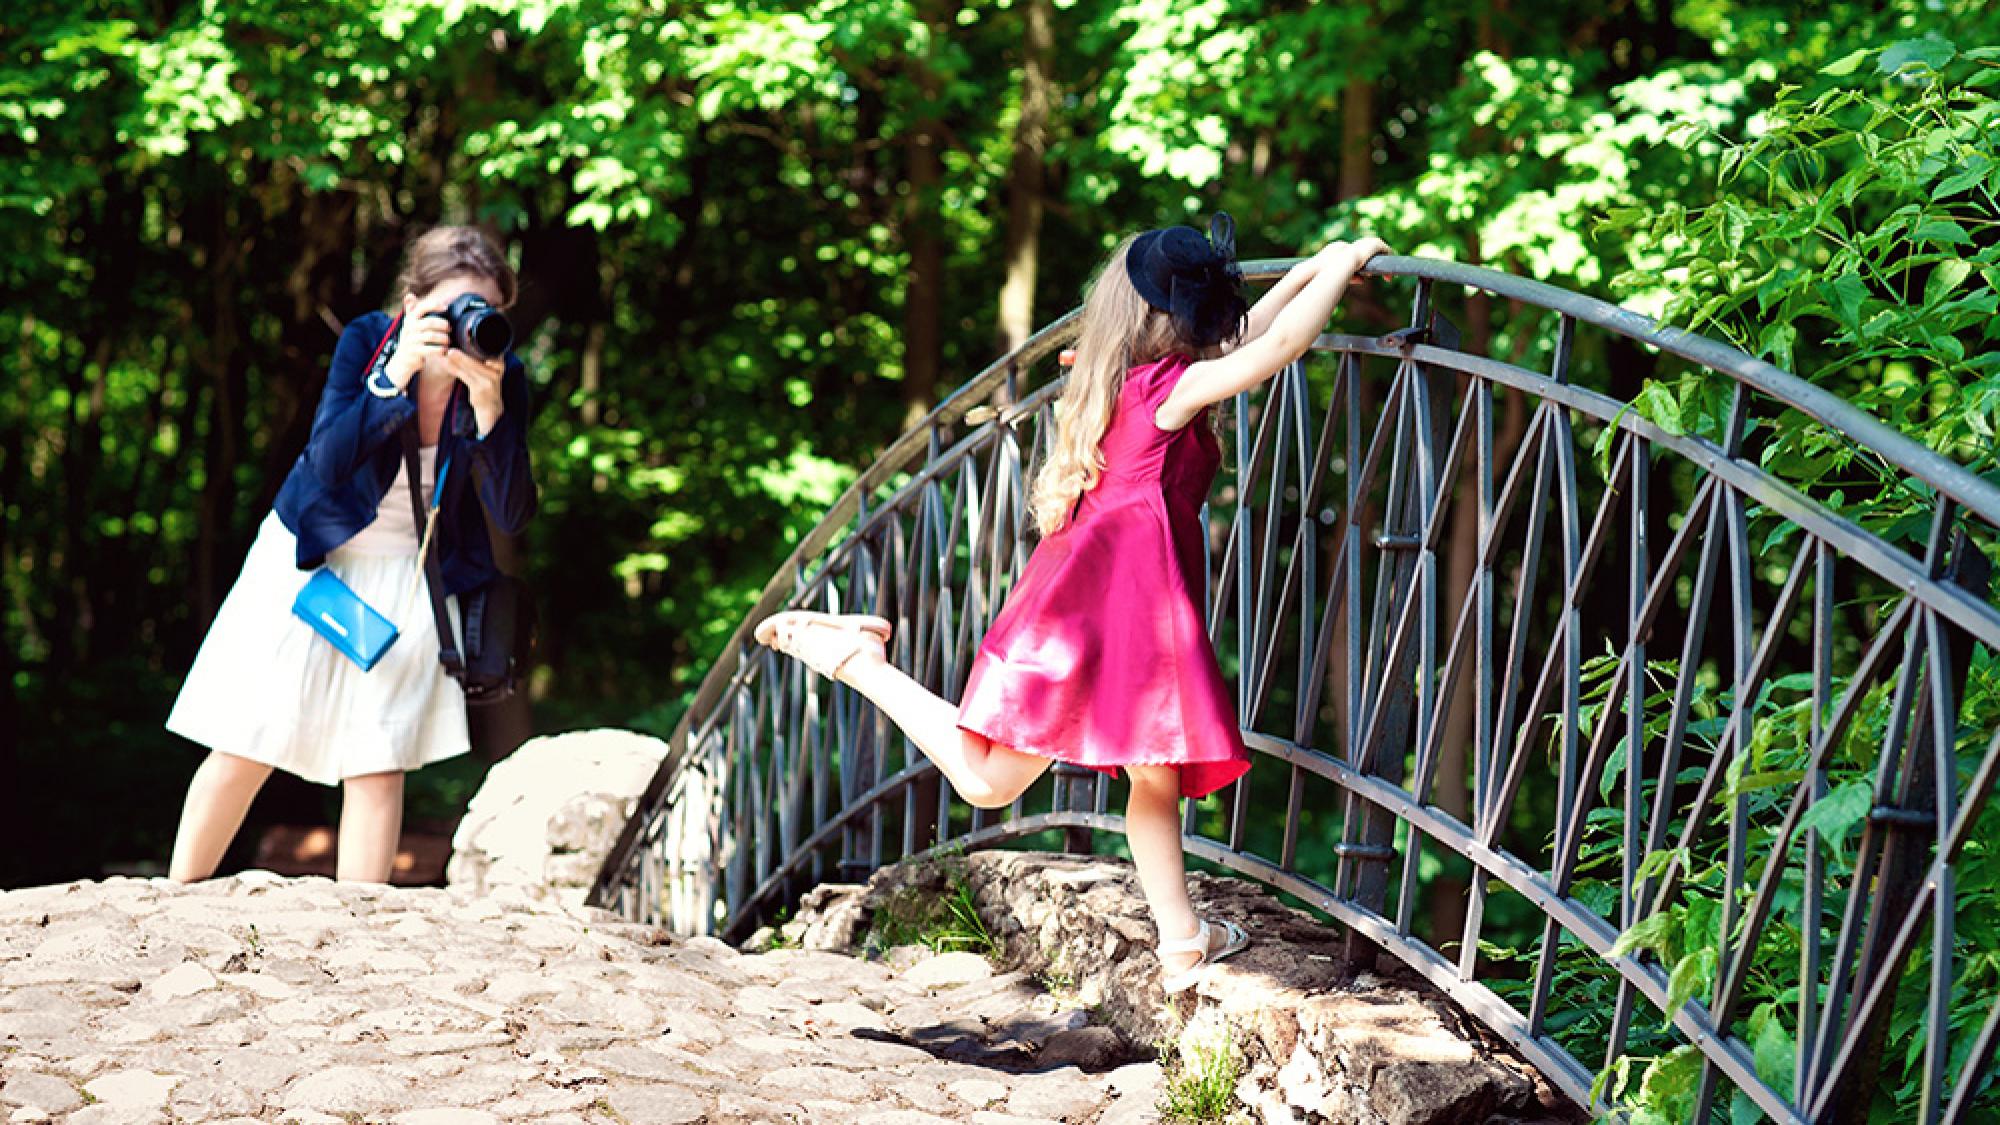 Катрин Белоцерковская, бэкстедж, за кадром, детский фотограф за работой